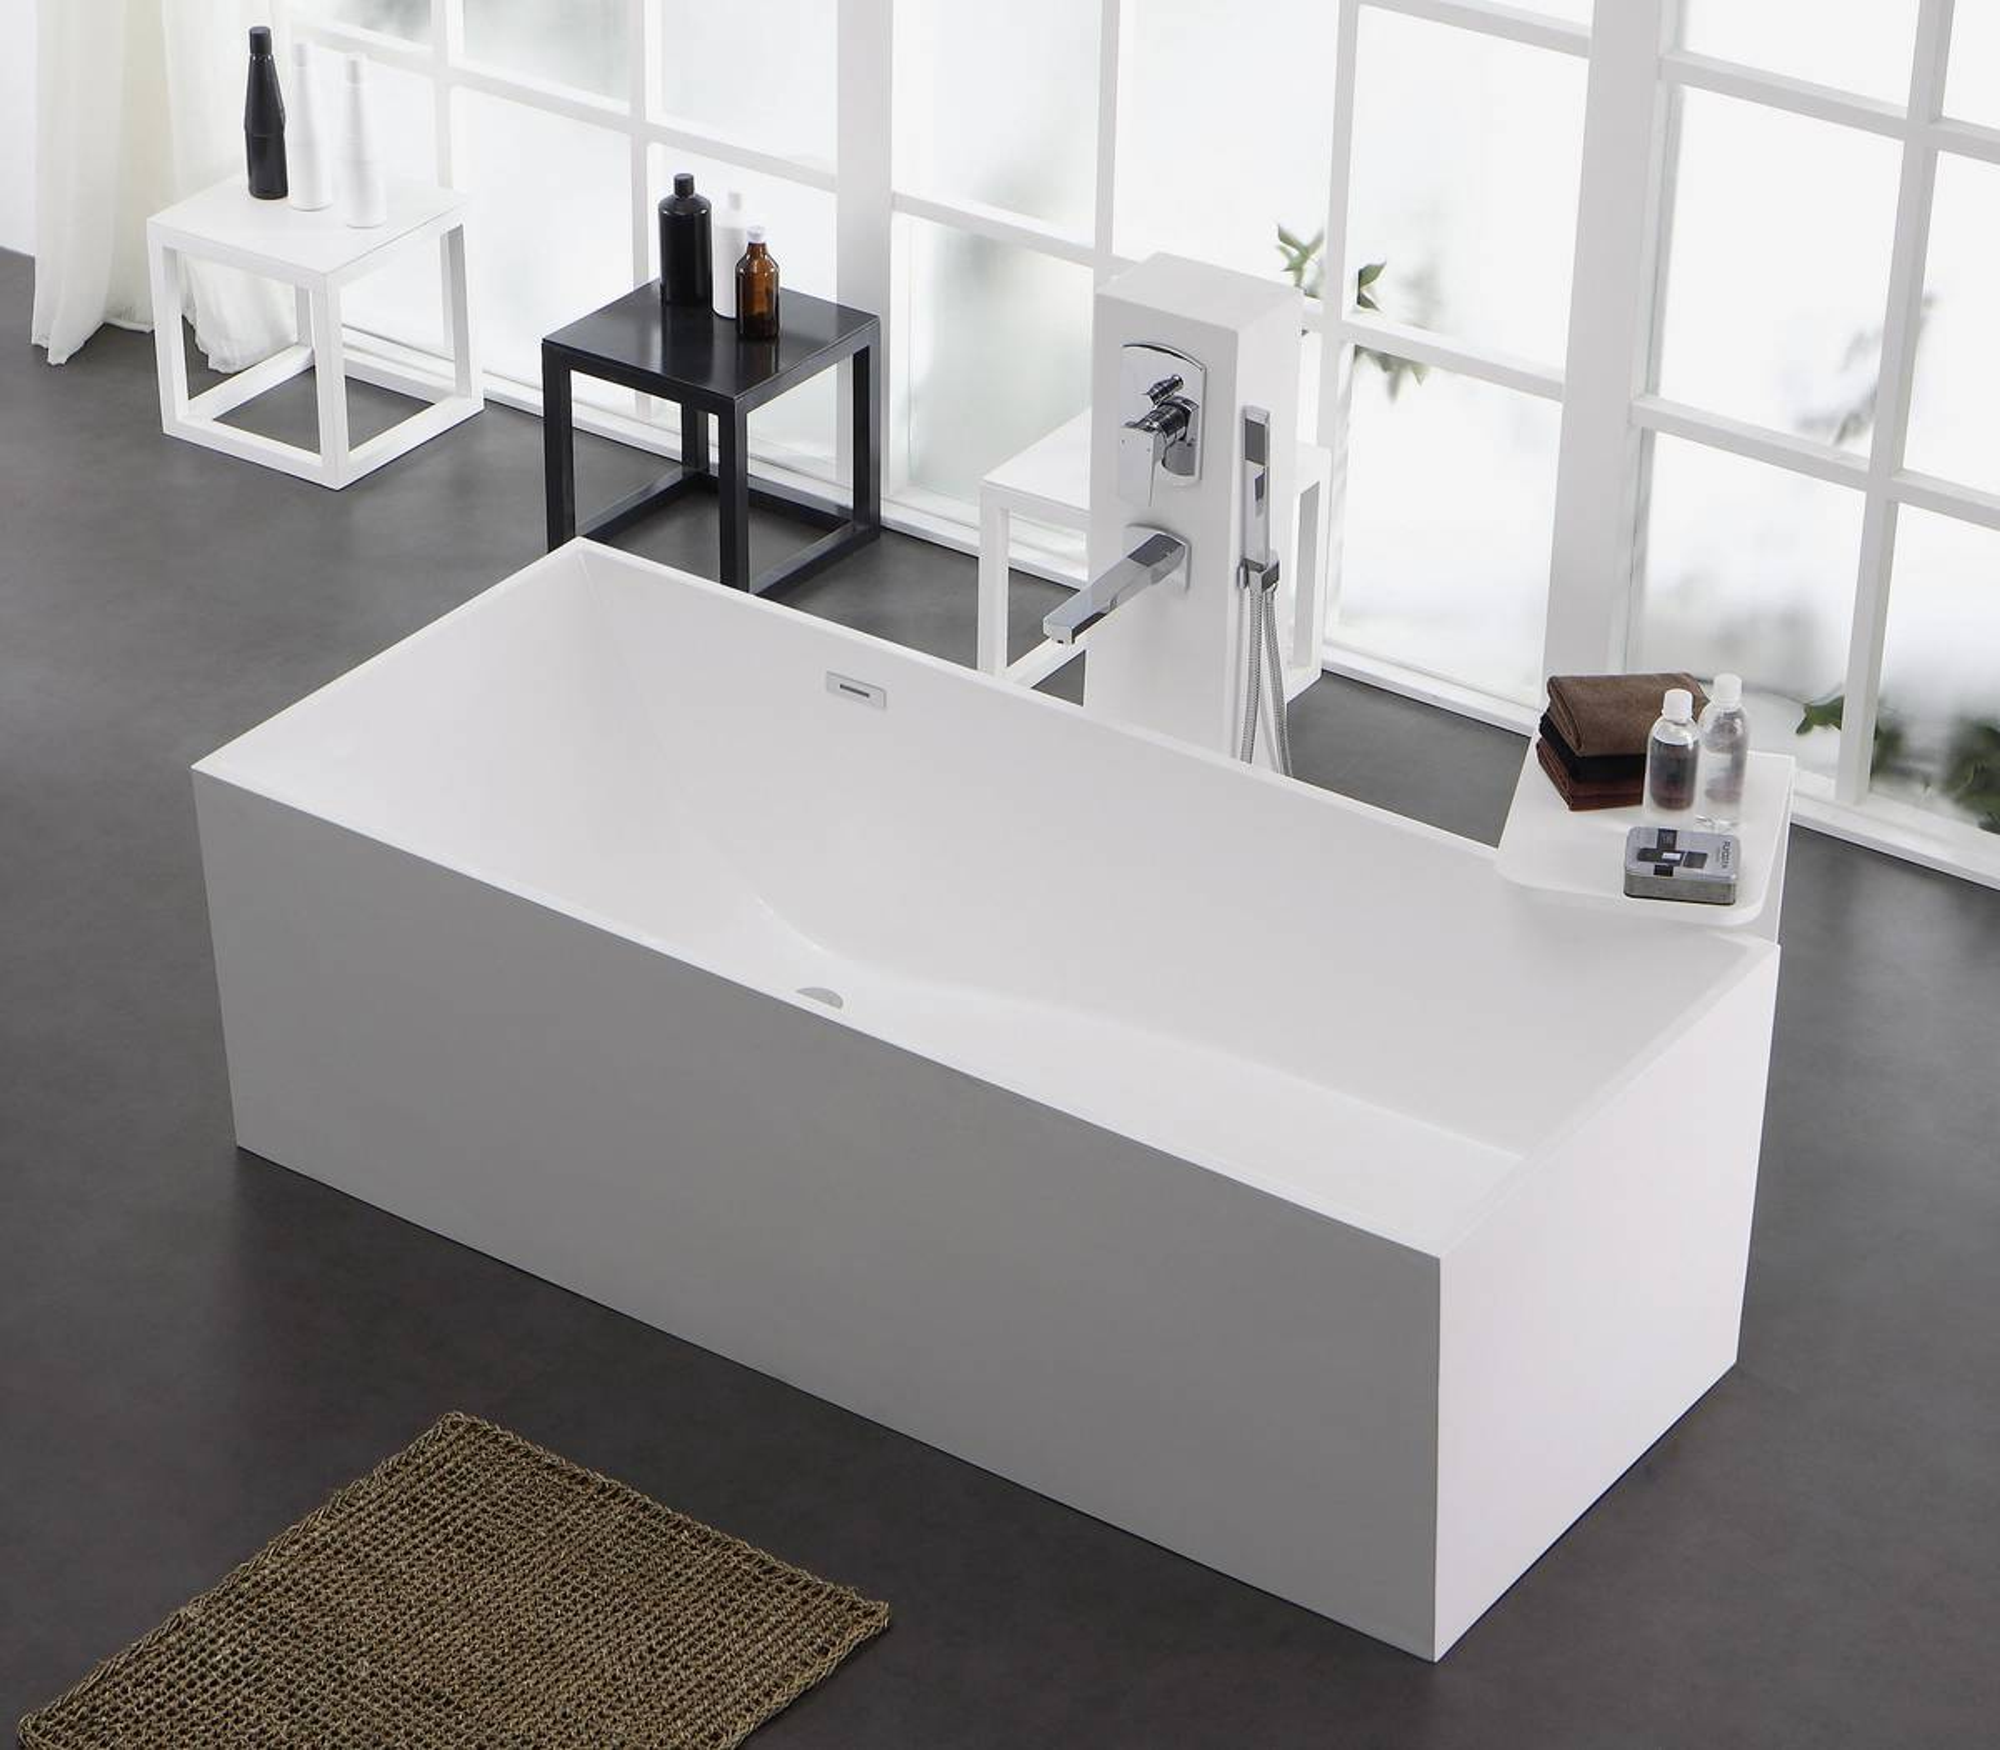 Freistehende badewanne mineralguss oder acryl  Freistehende Badewanne aus Mineralguss KZOAO-1006 Badewelt Wannen ...